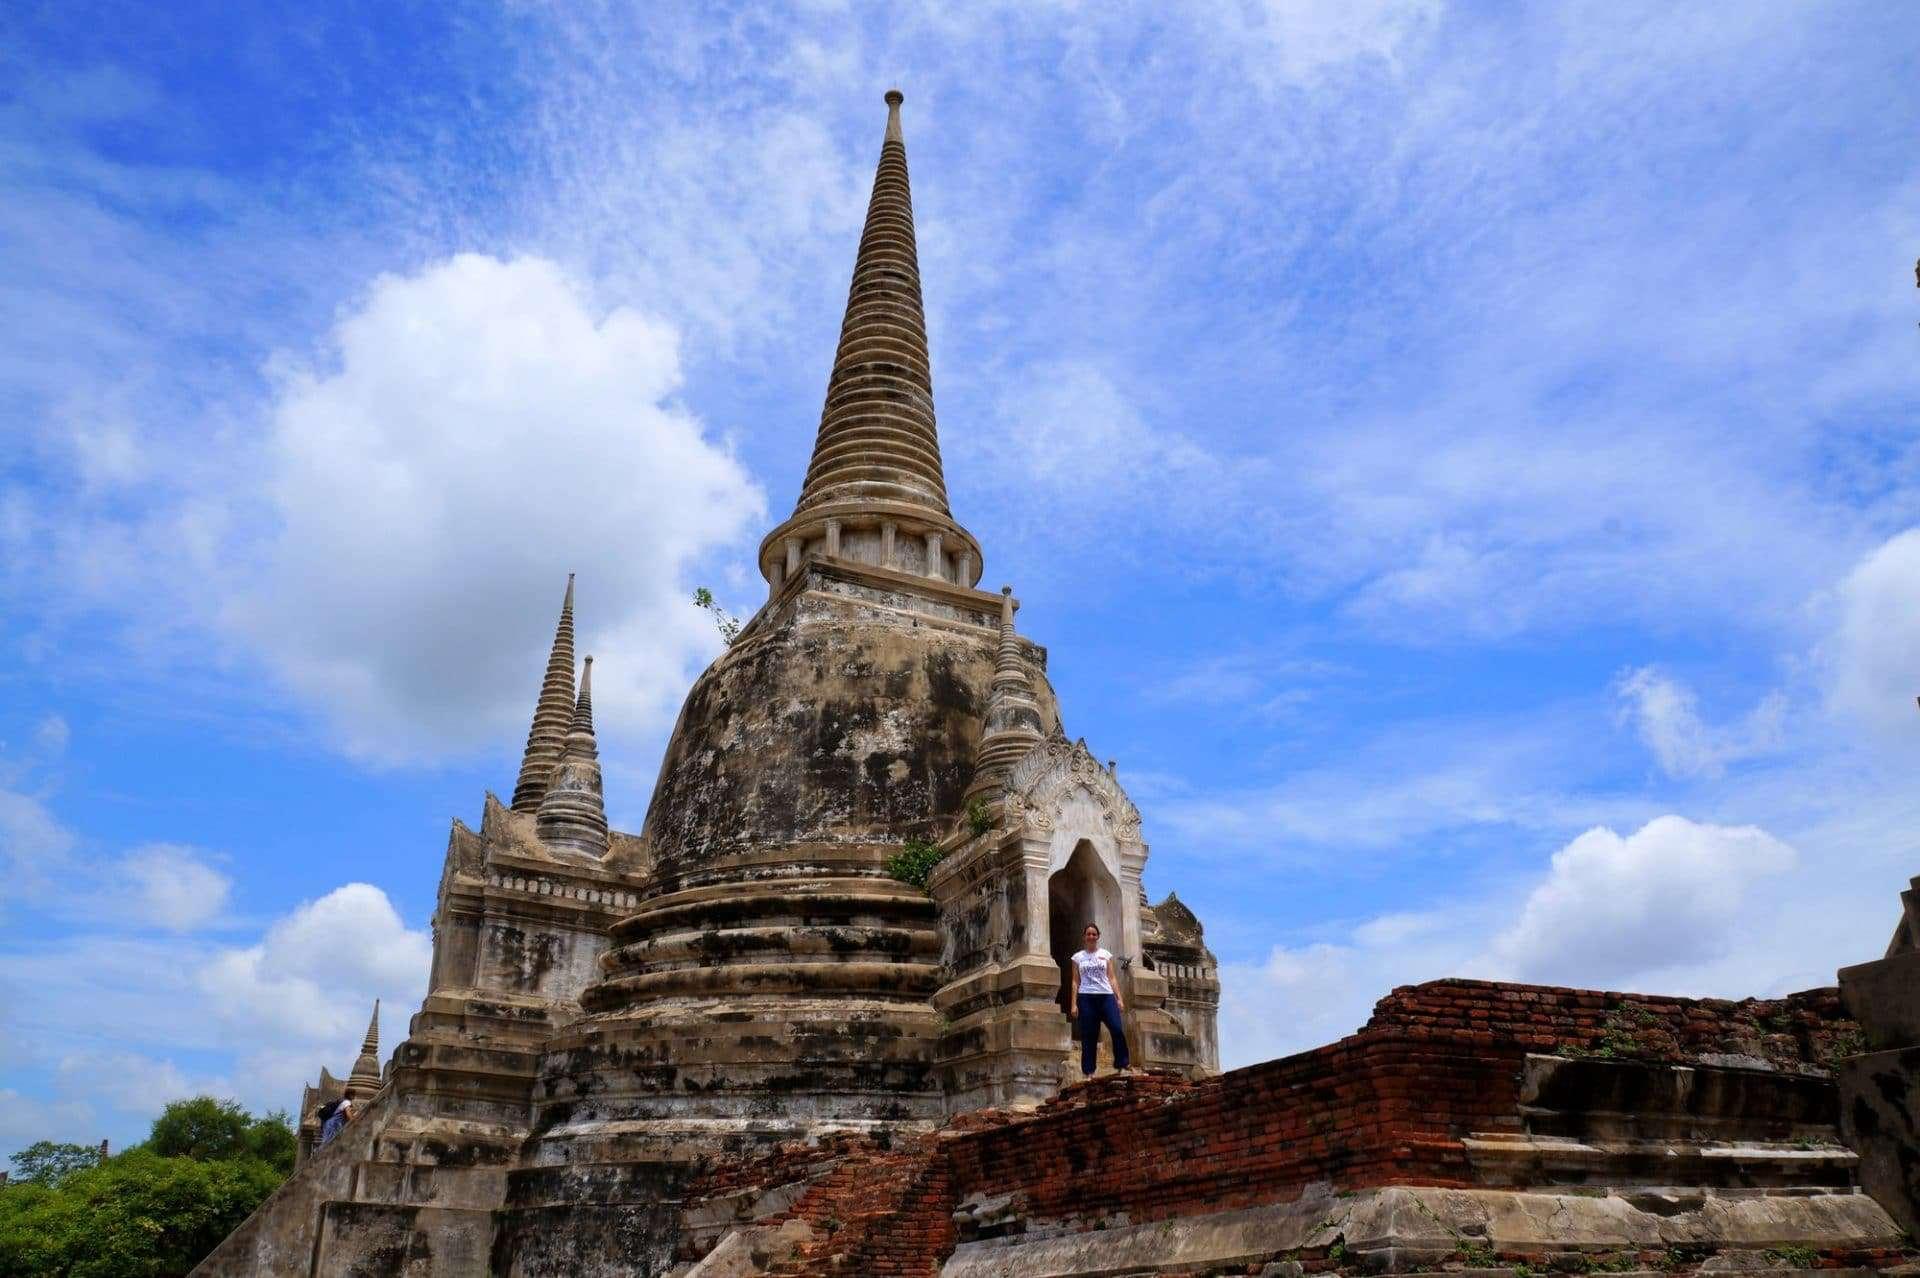 Cosa vedere ad Ayutthaya: visita all'antica capitale del regno del Siam